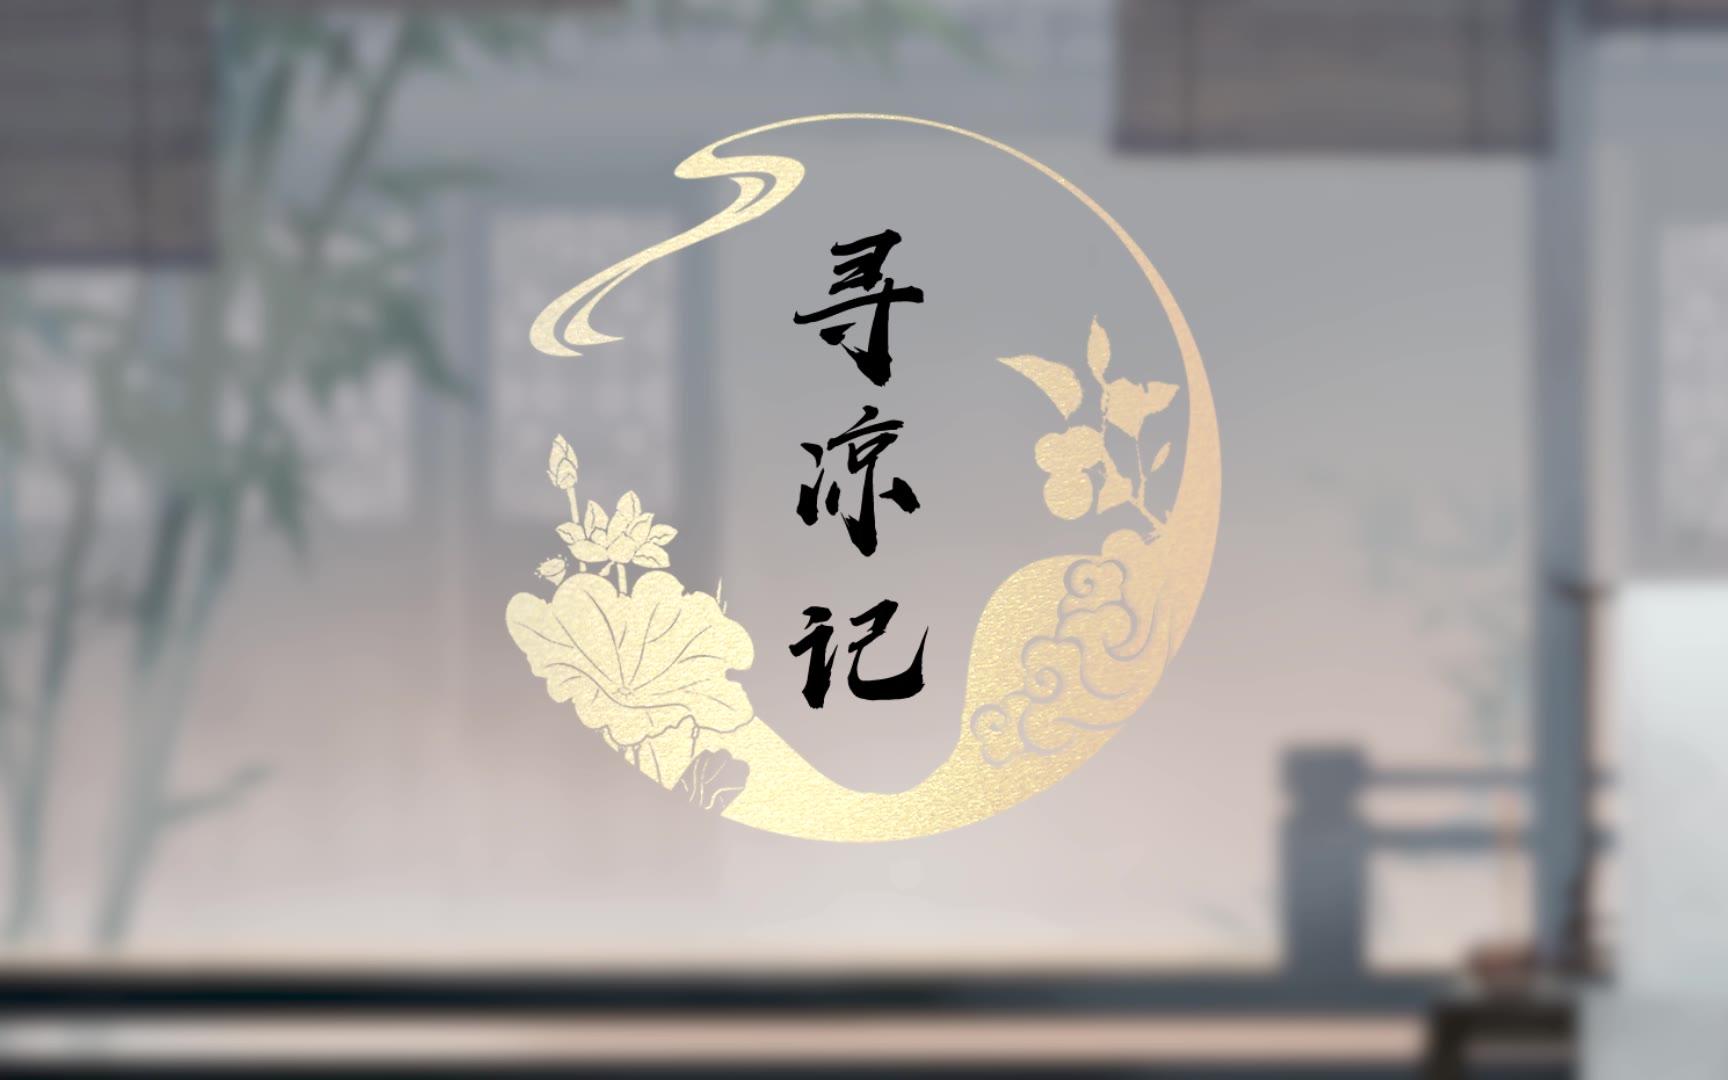 【夏日寻凉记】快手ChinaJoy新曲上线!AC娘和阿辣带你一起夏日寻凉!